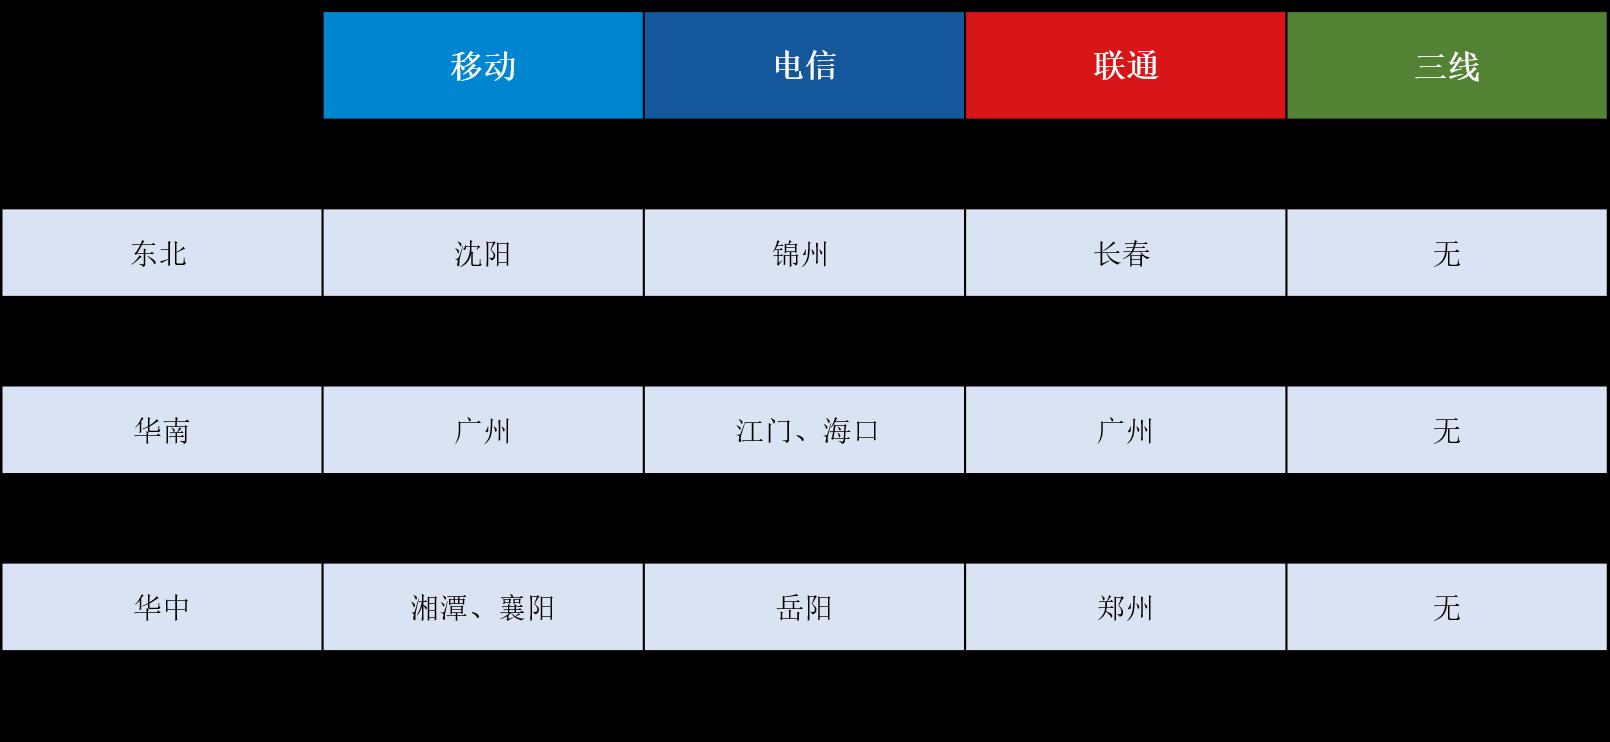 Jiedianfenbu.png